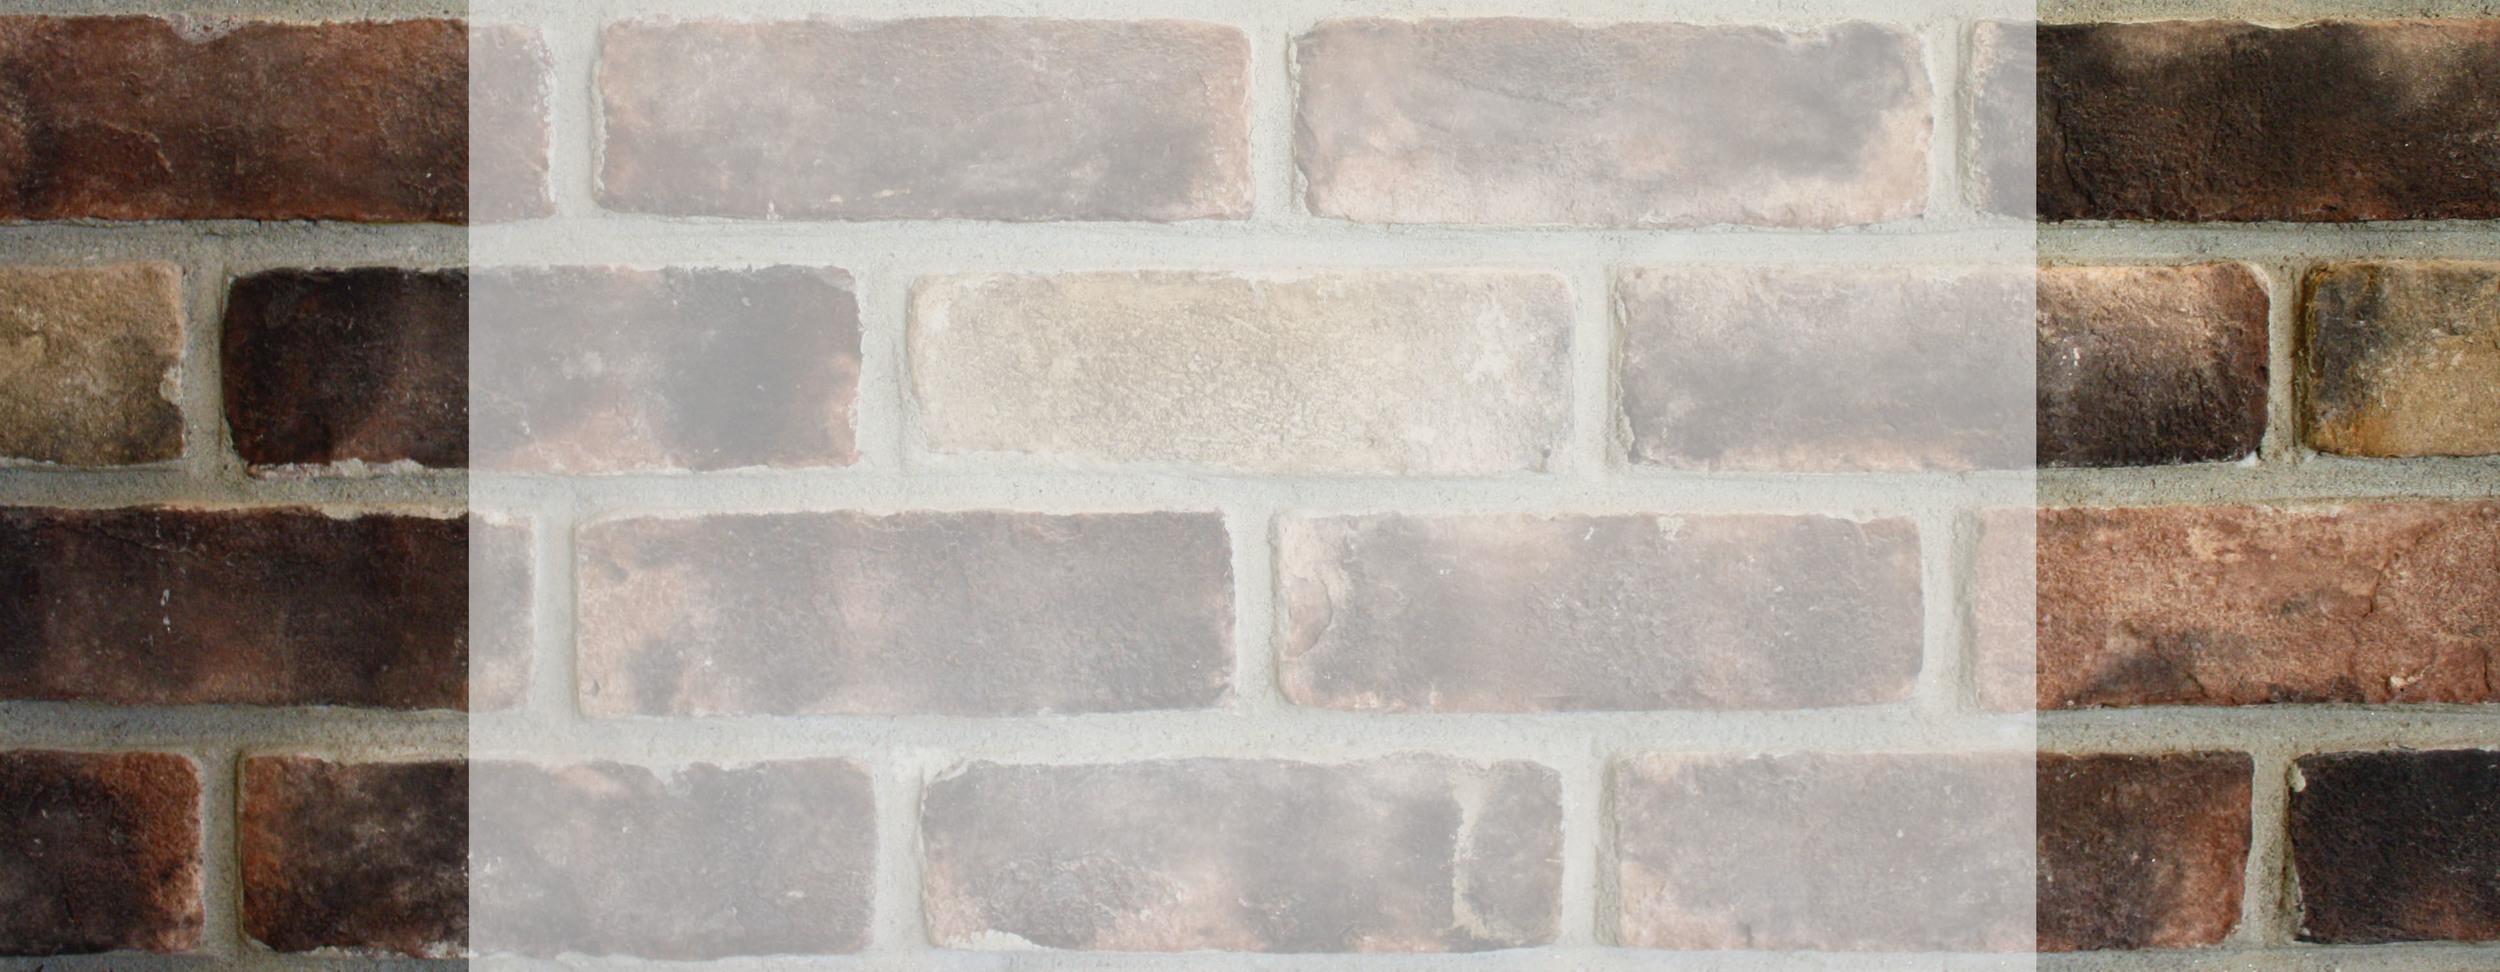 bricks_back_bg.jpg